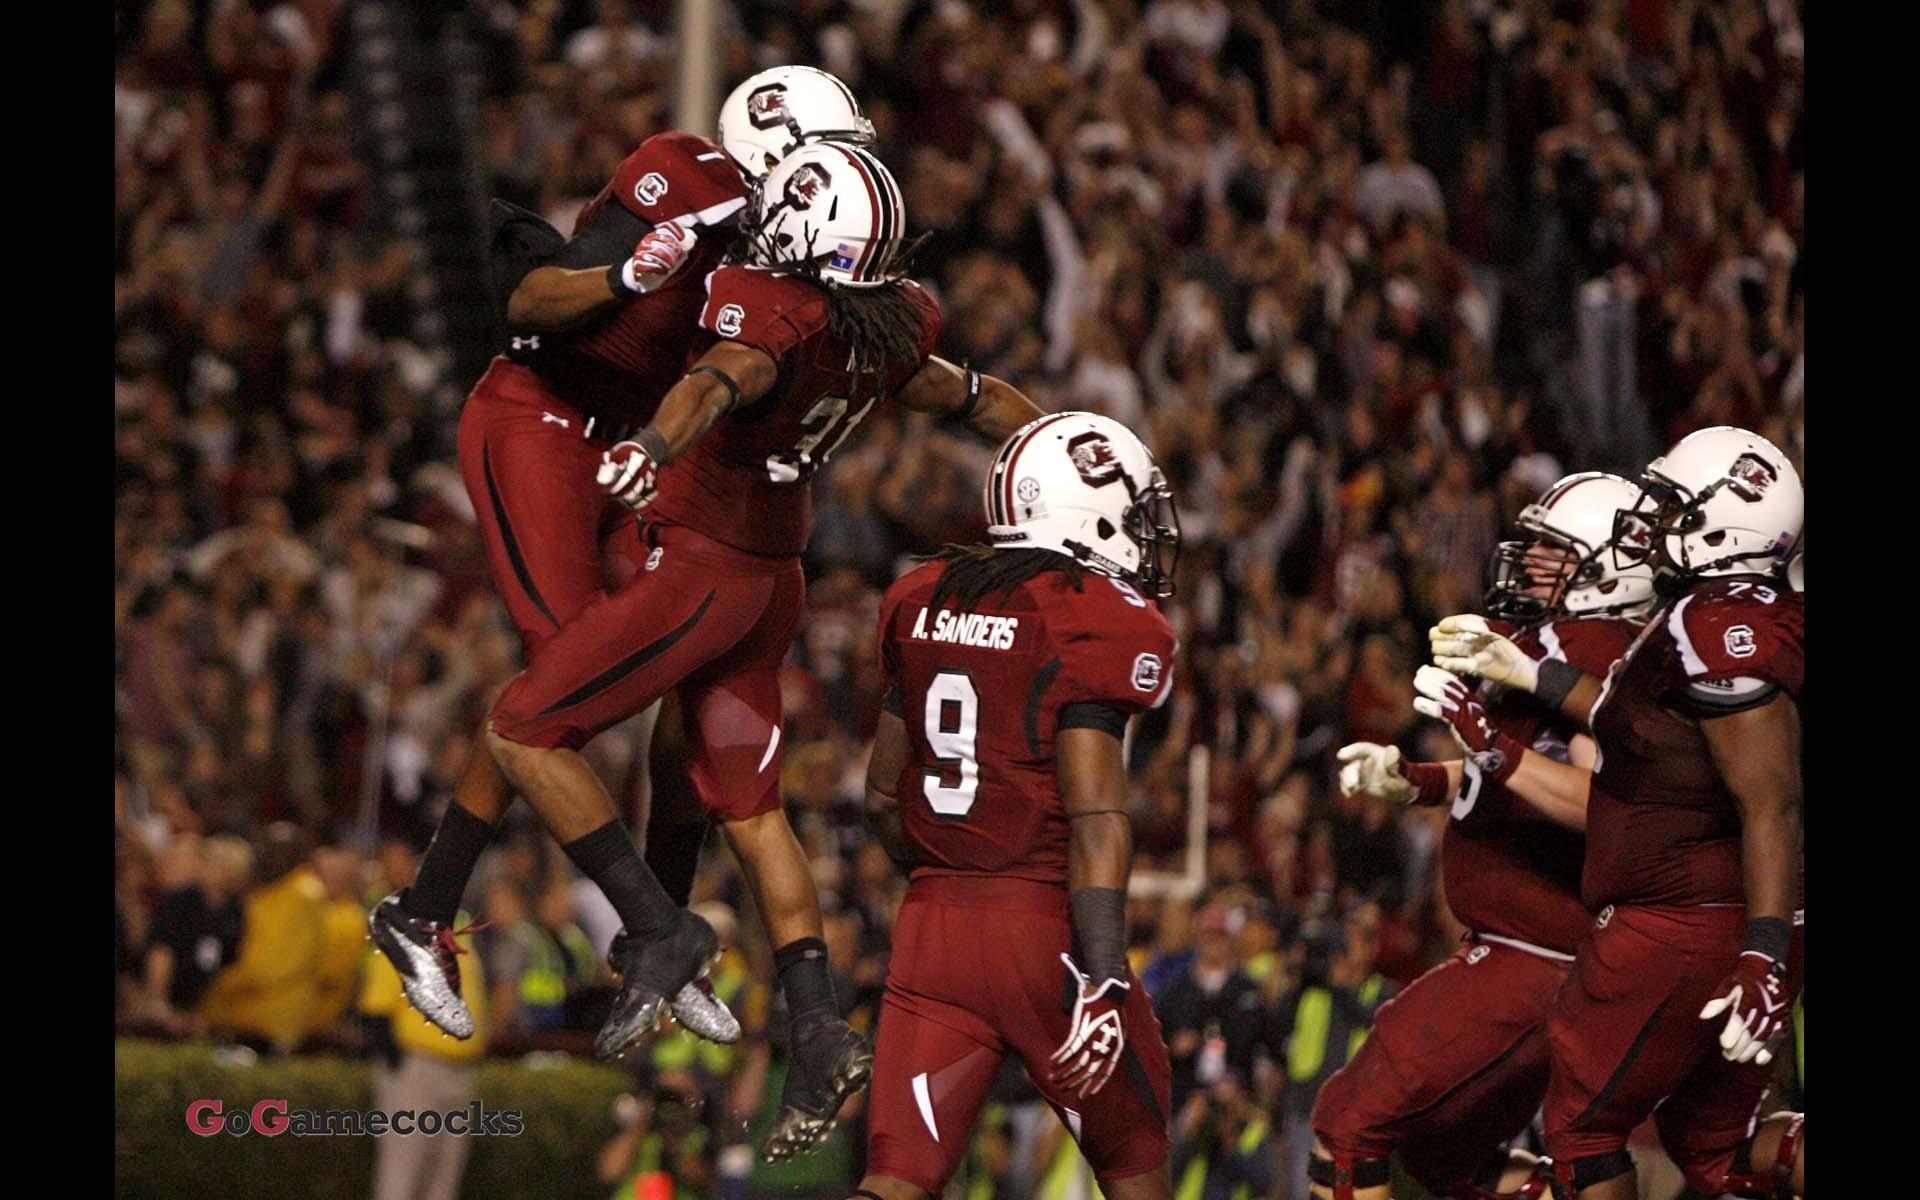 Wallpaper: USC-Clemson   Football   Go Gamecocks